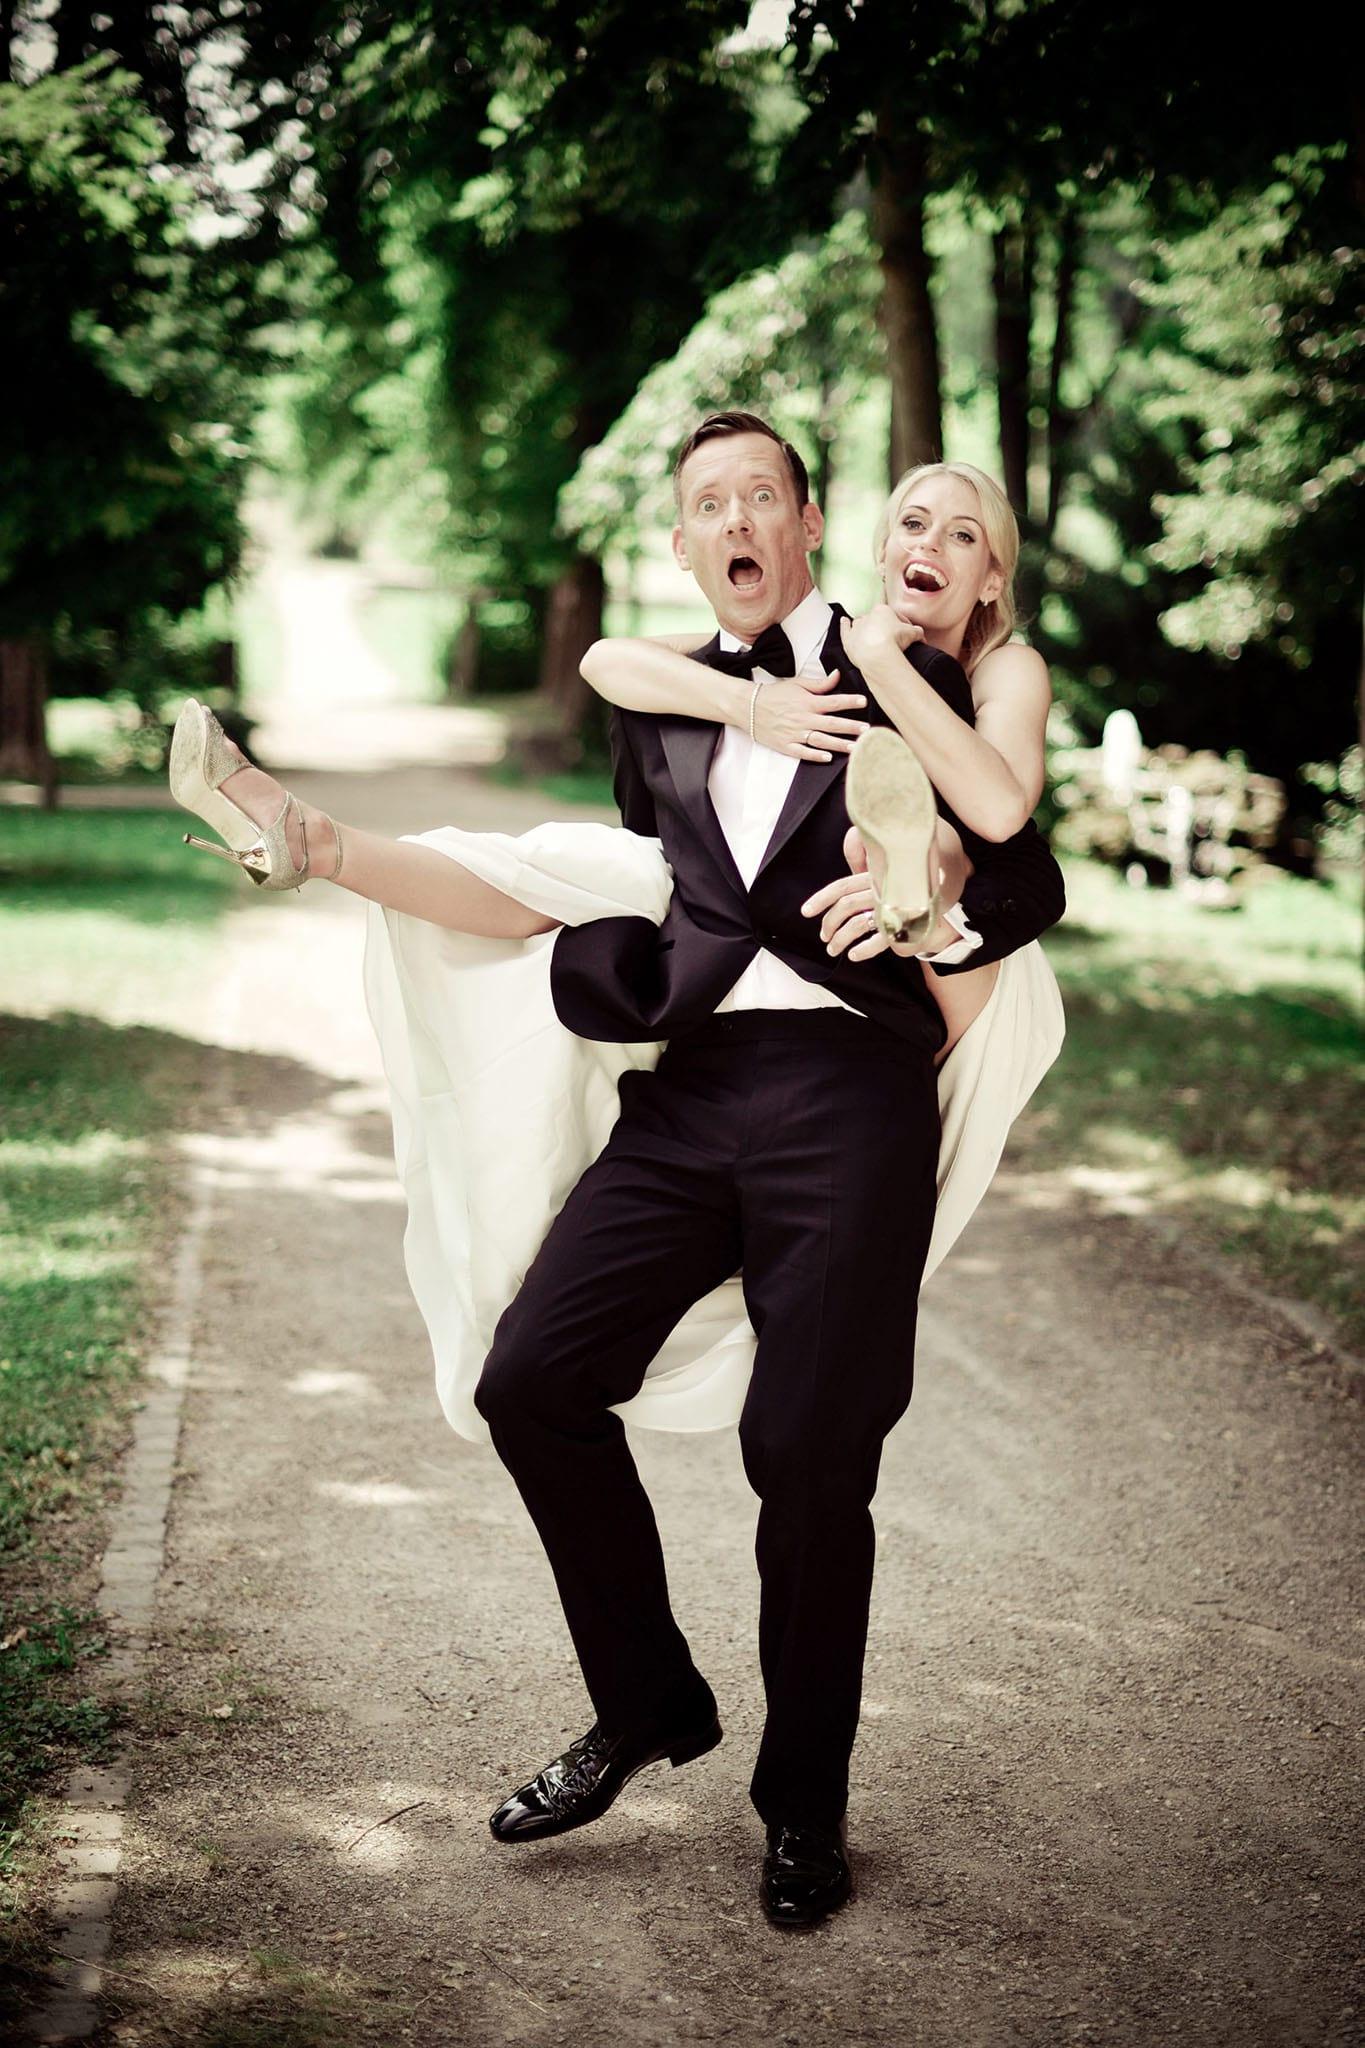 Hochzeit 015 Brautpaar Hochzeit heiraten Foto fotografieren Bensheim Bergstraße Brautstrauß Hochzeitsfoto Daniel Fuss Fotografie